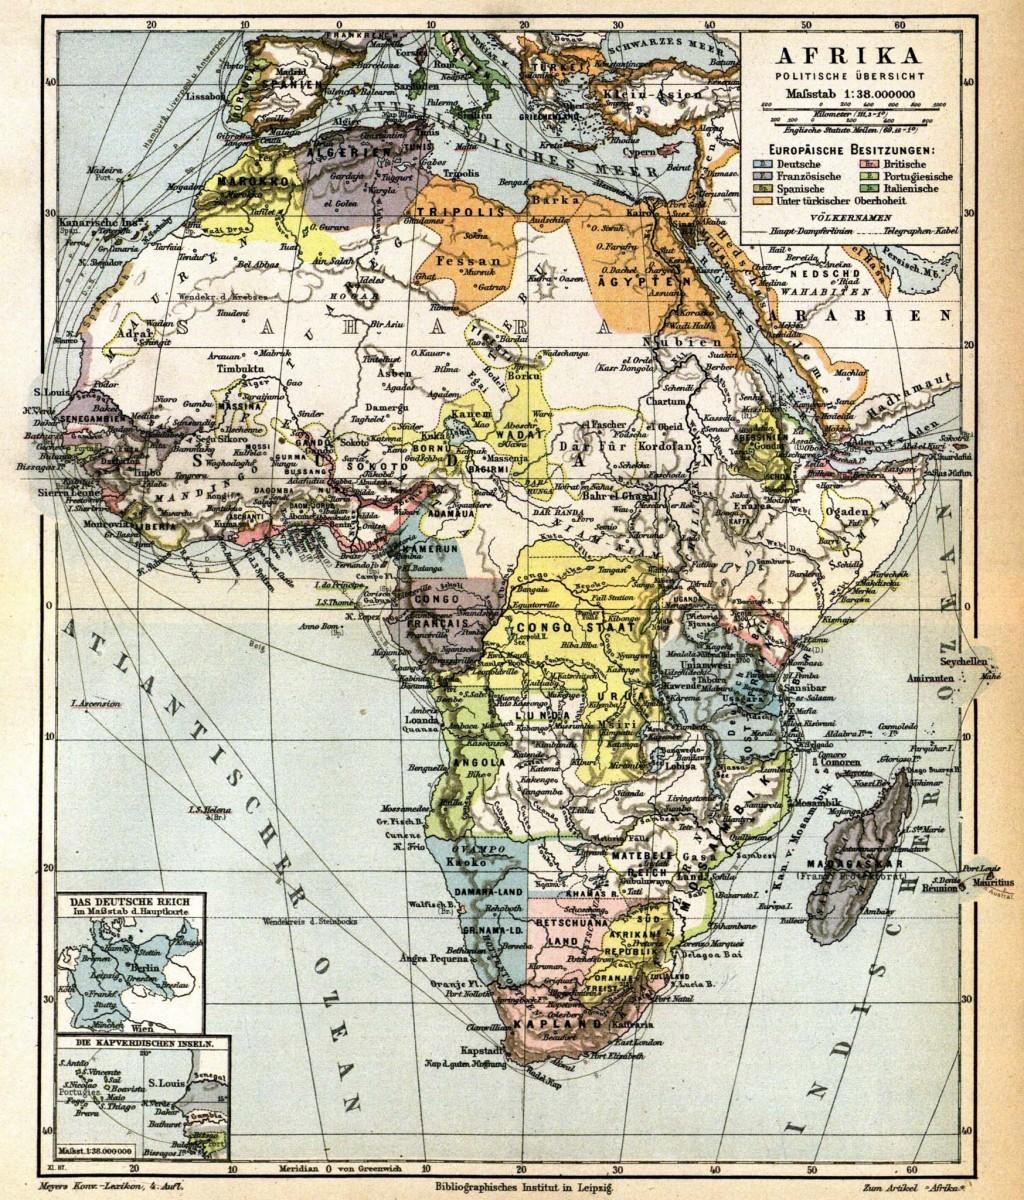 Počátky kolonizace Afriky (r. 1885)